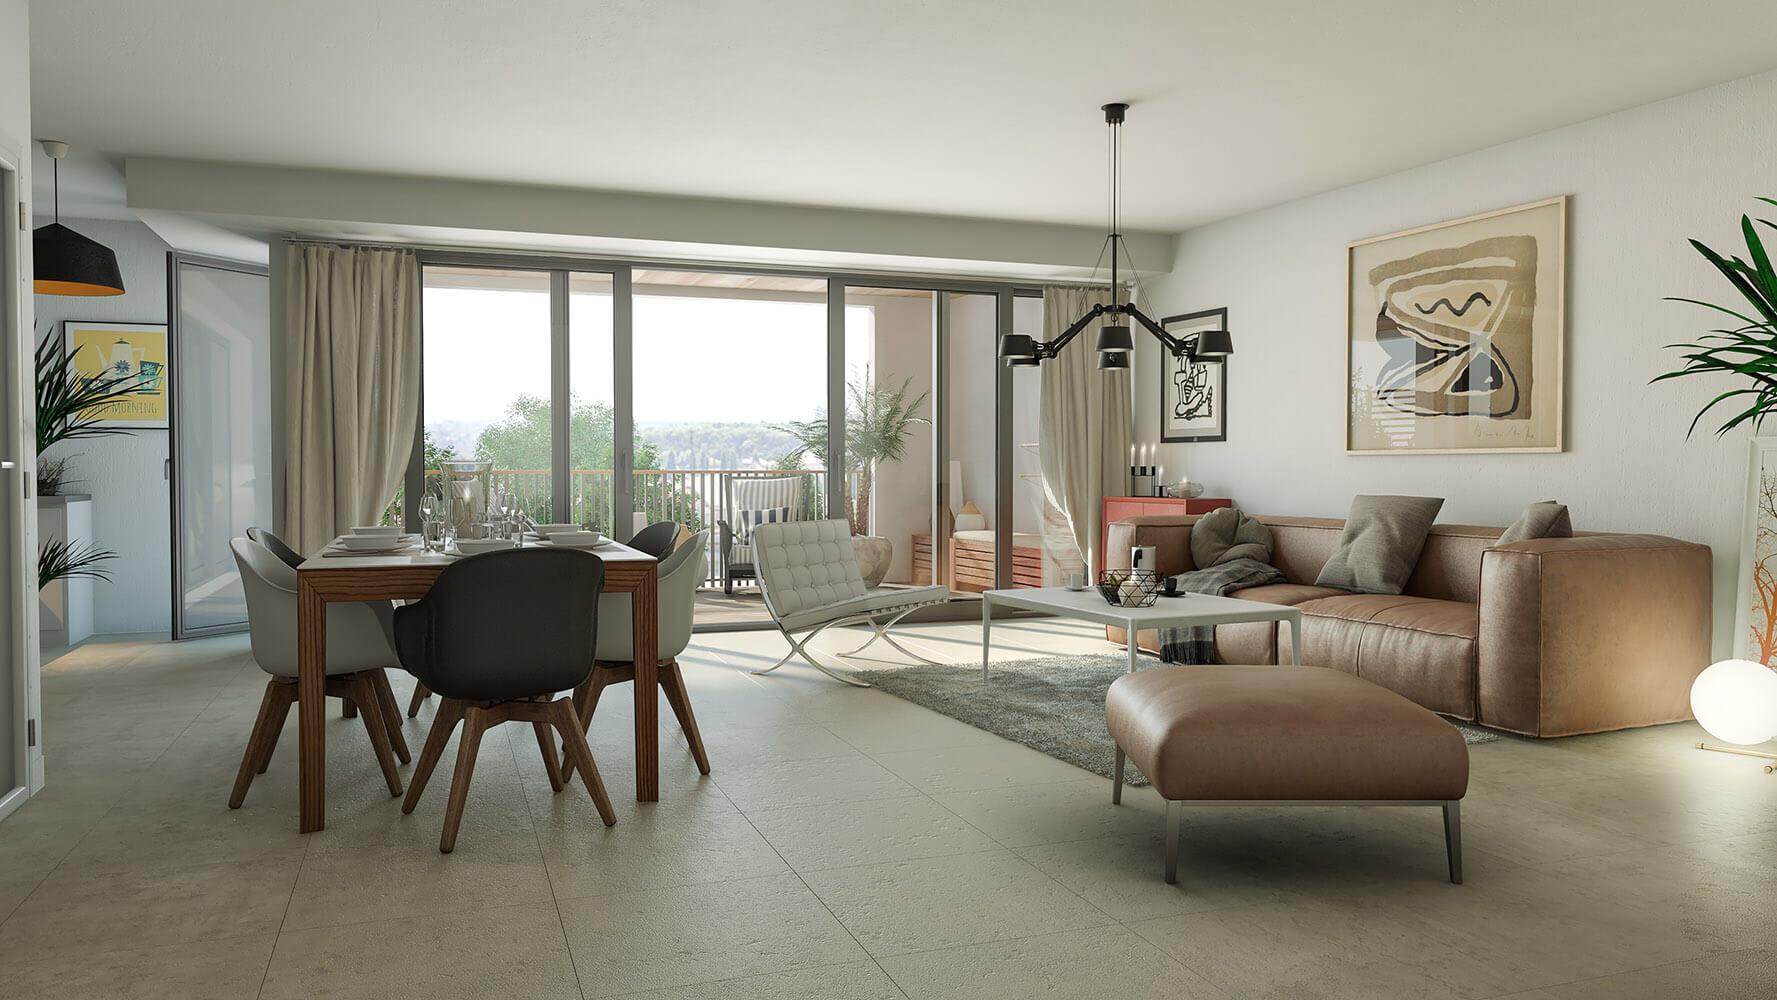 illustration 3d de perspective intrieure dun appartement haut de gamme avec une dcoration chaleureuse